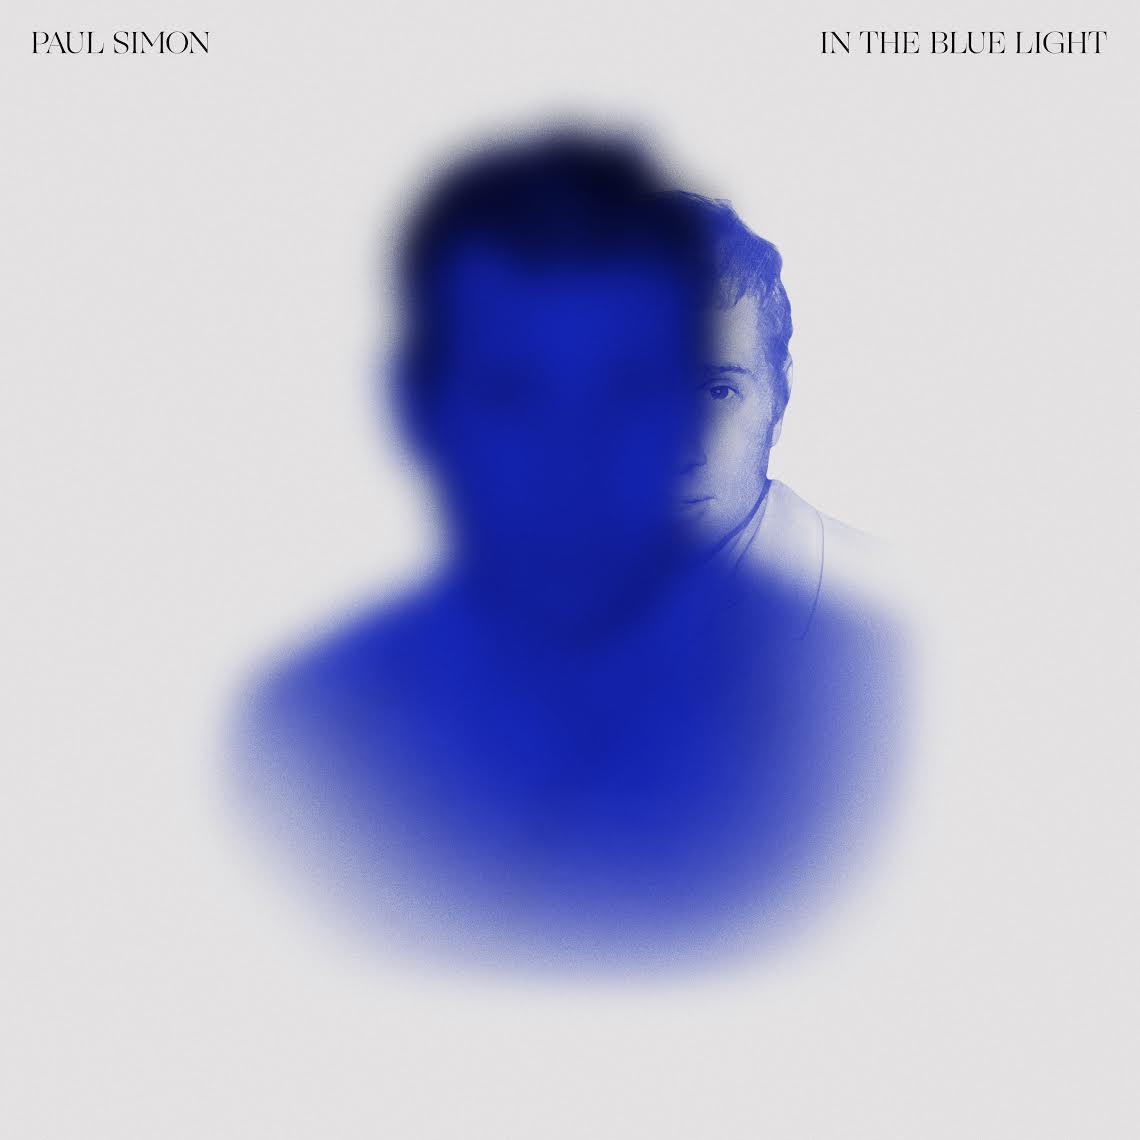 paul simon in the blue light new album